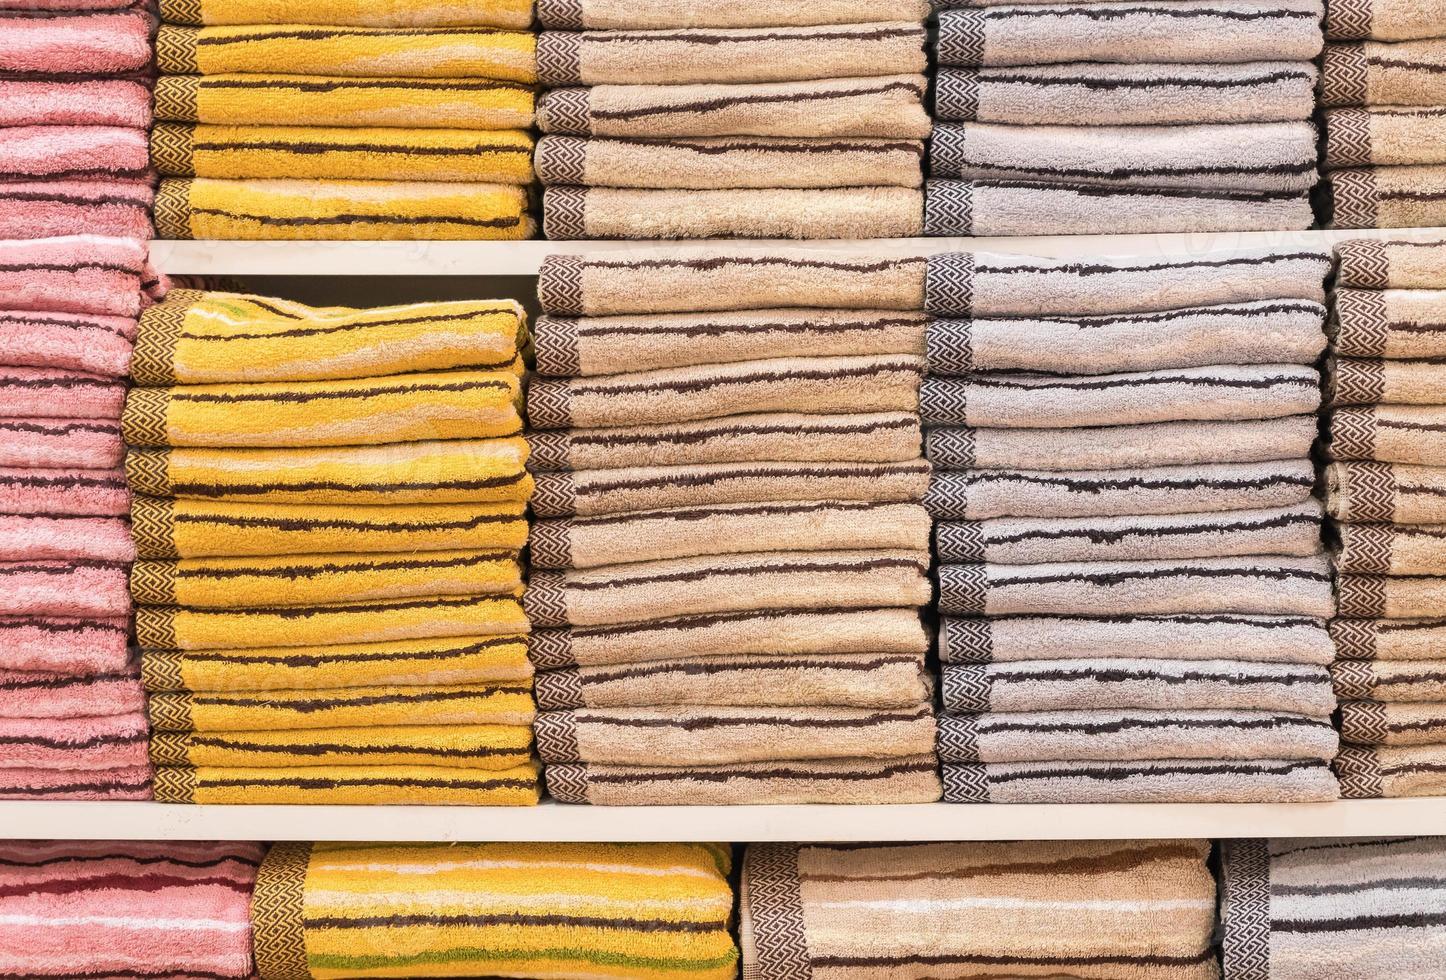 pile de serviettes sur une étagère photo